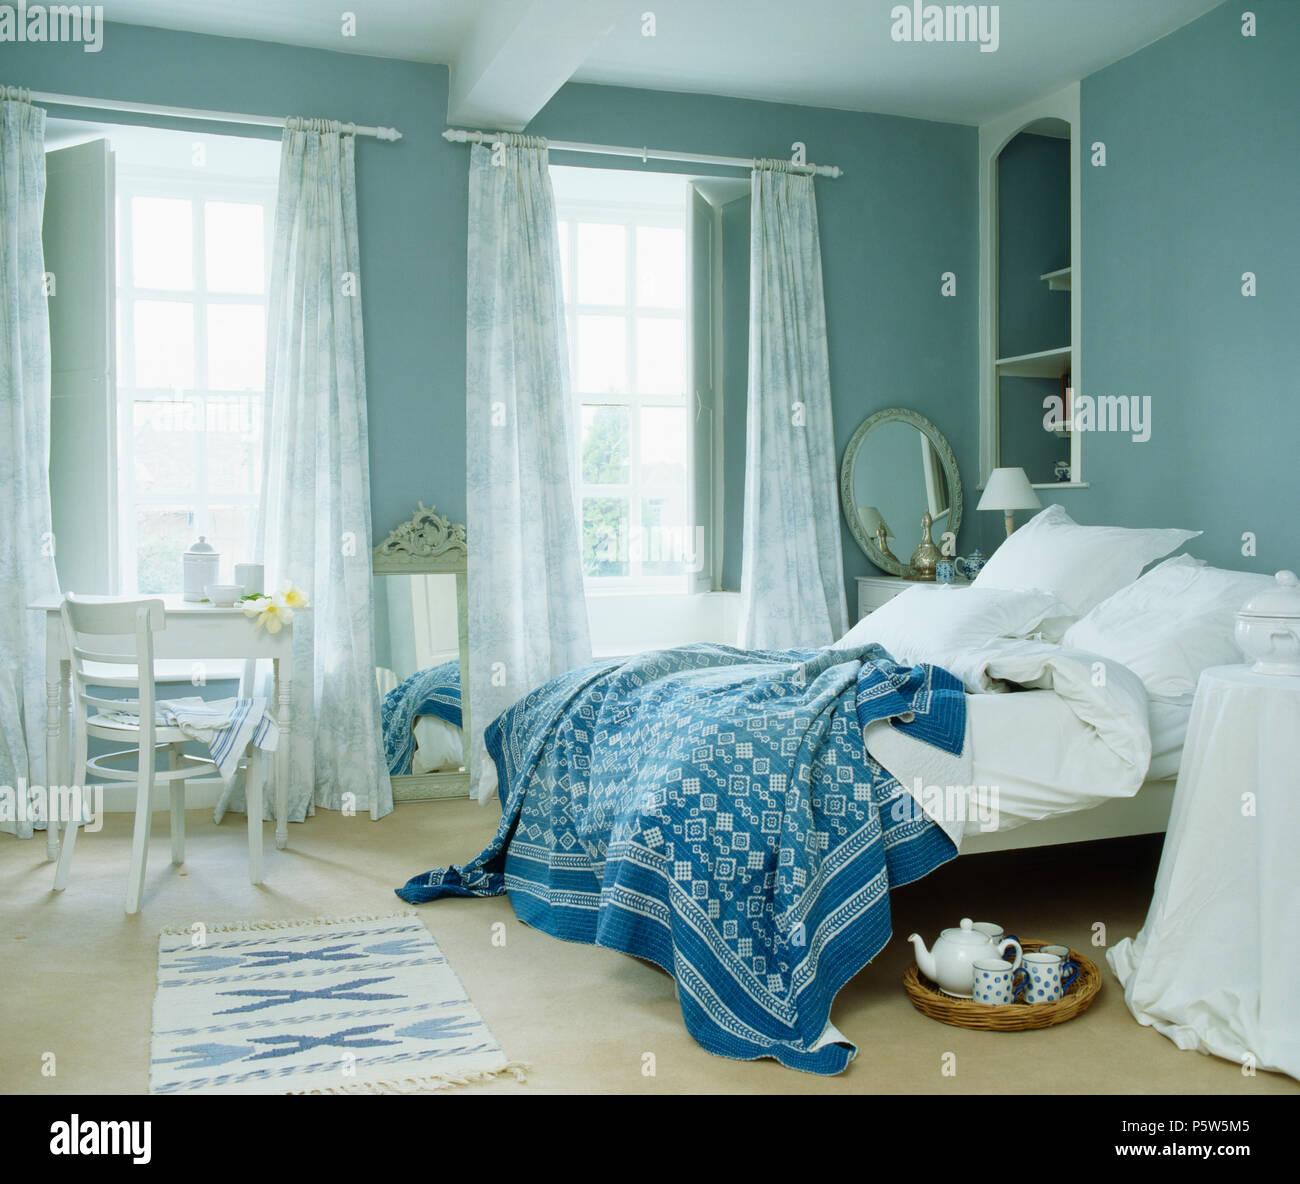 Blanc +bleu Et Blanc Jeter Oreillers Sur Lit Dans Chambre Bleue Avec Voile  Rideaux Et Volets Peints Sur Windows